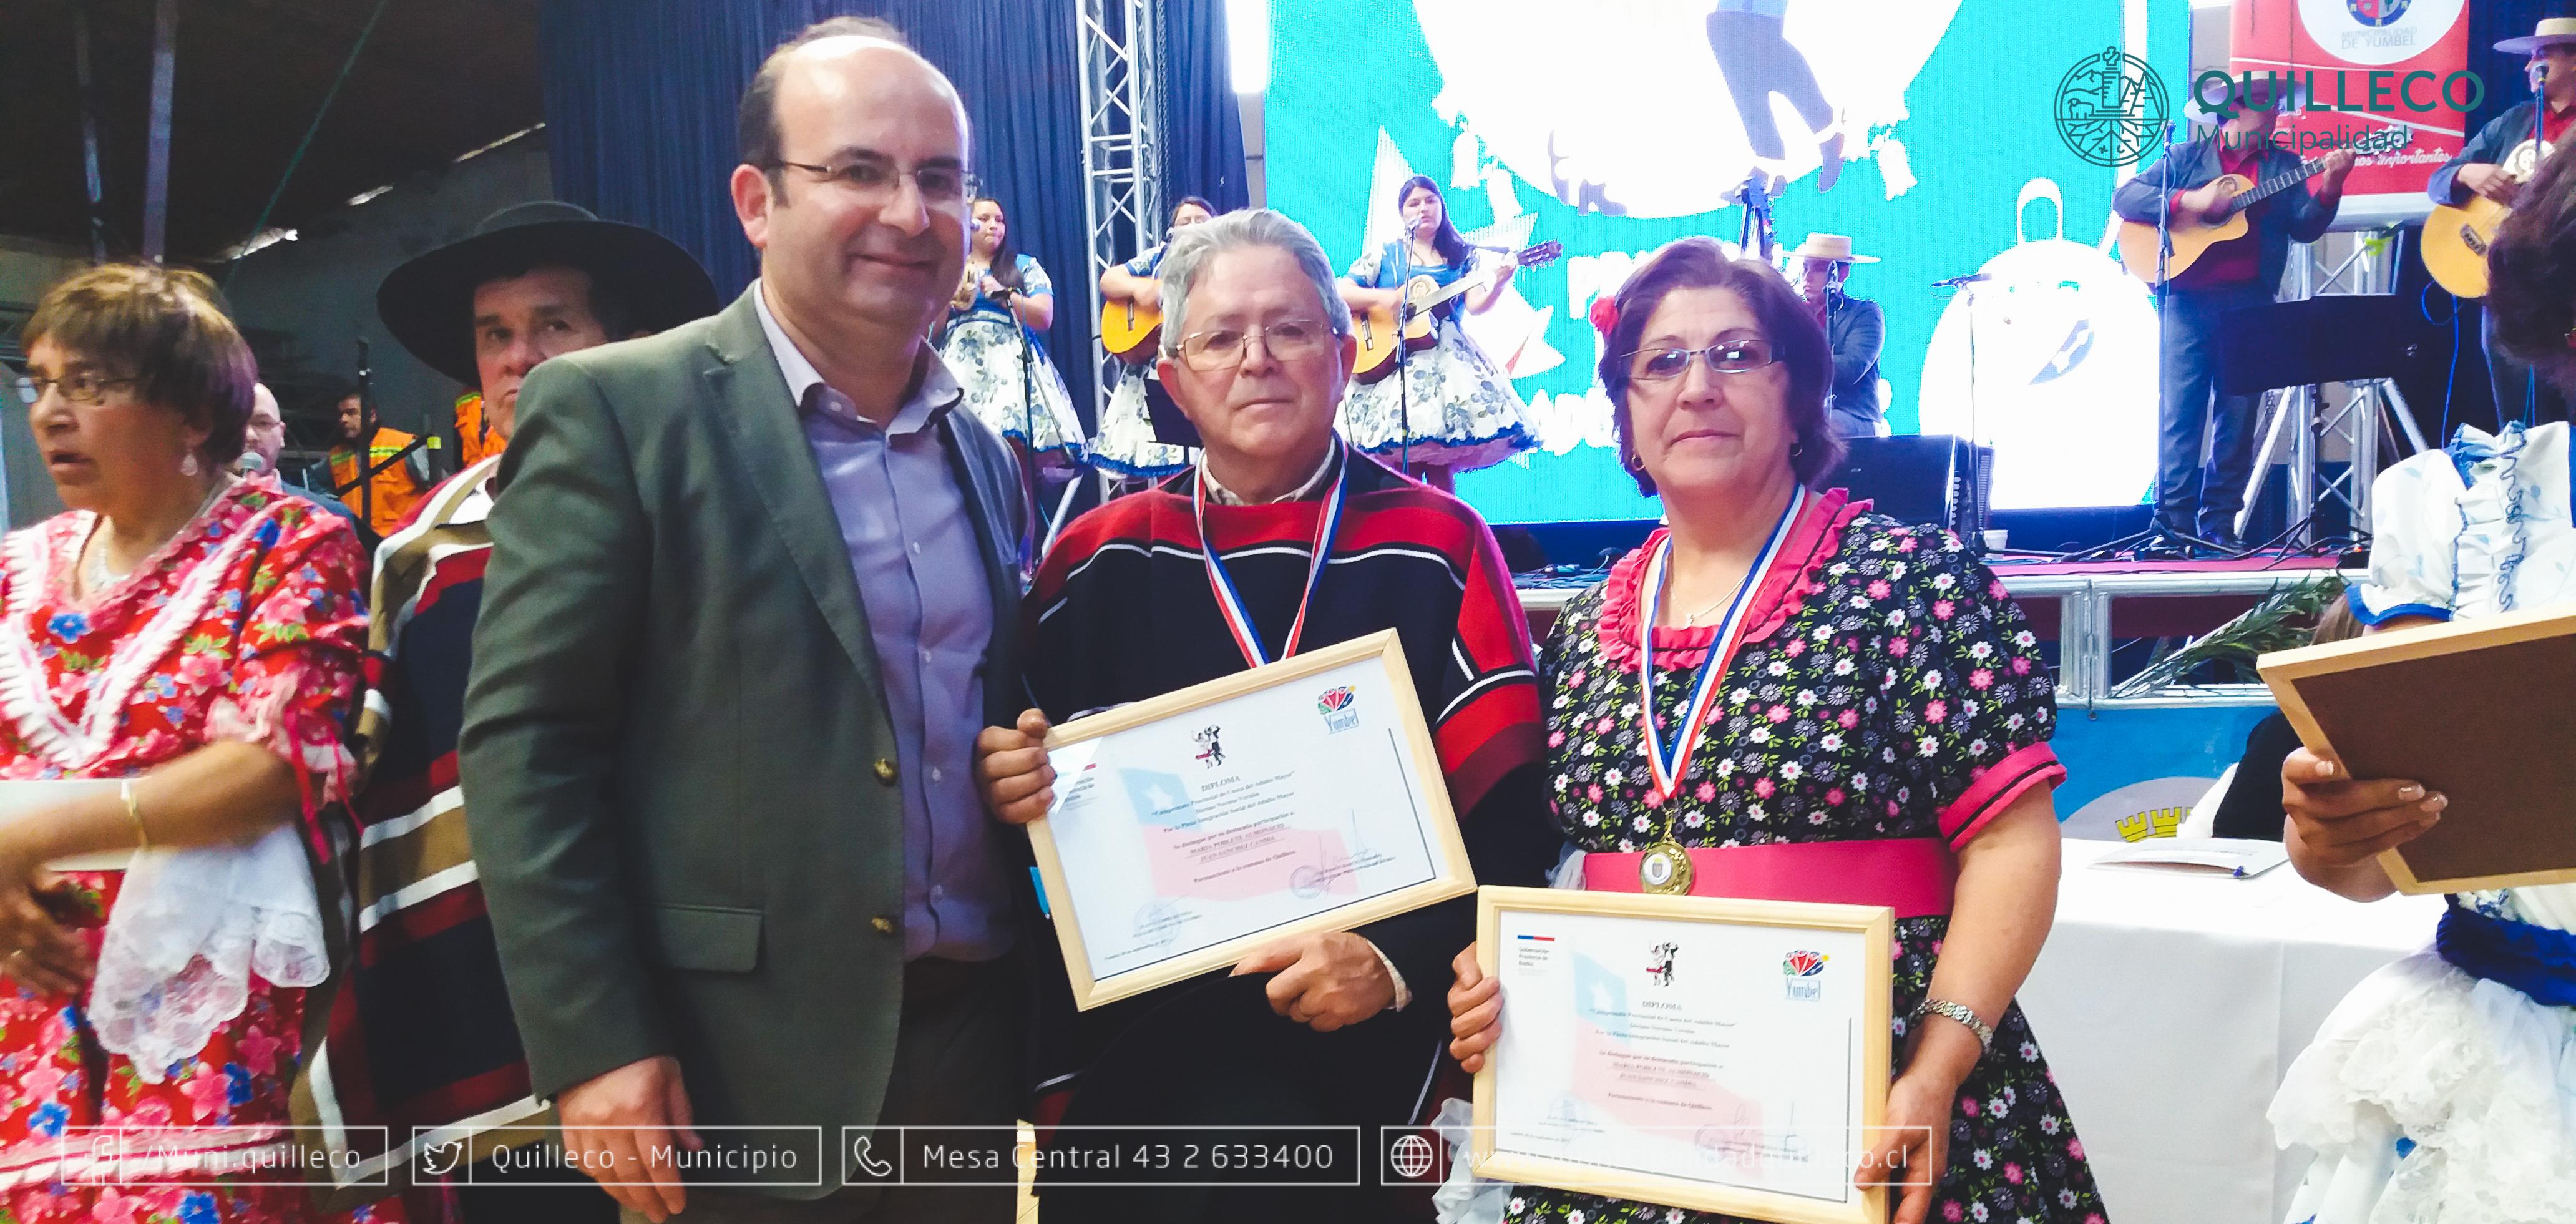 Vecinos de Las Canteras recibieron histórico 3er lugar en provincial de cueca del adulto mayor.